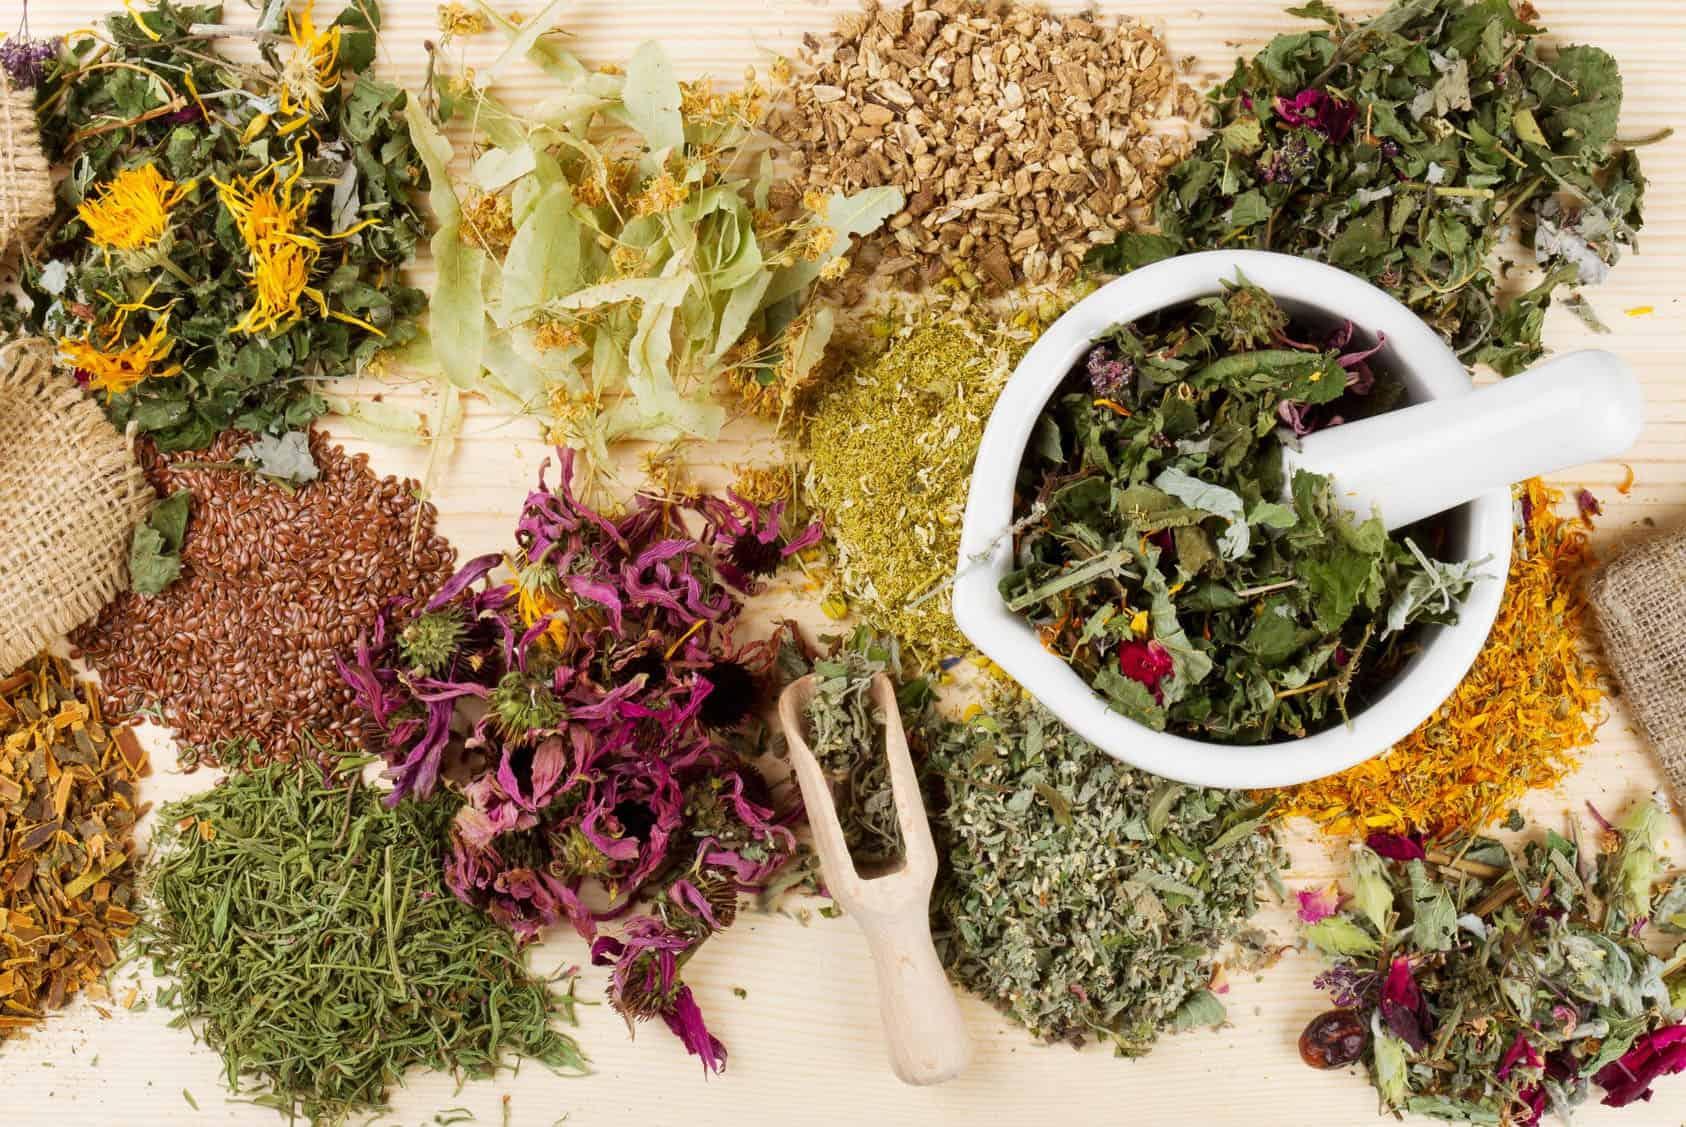 علاج الشرقة بالأعشاب